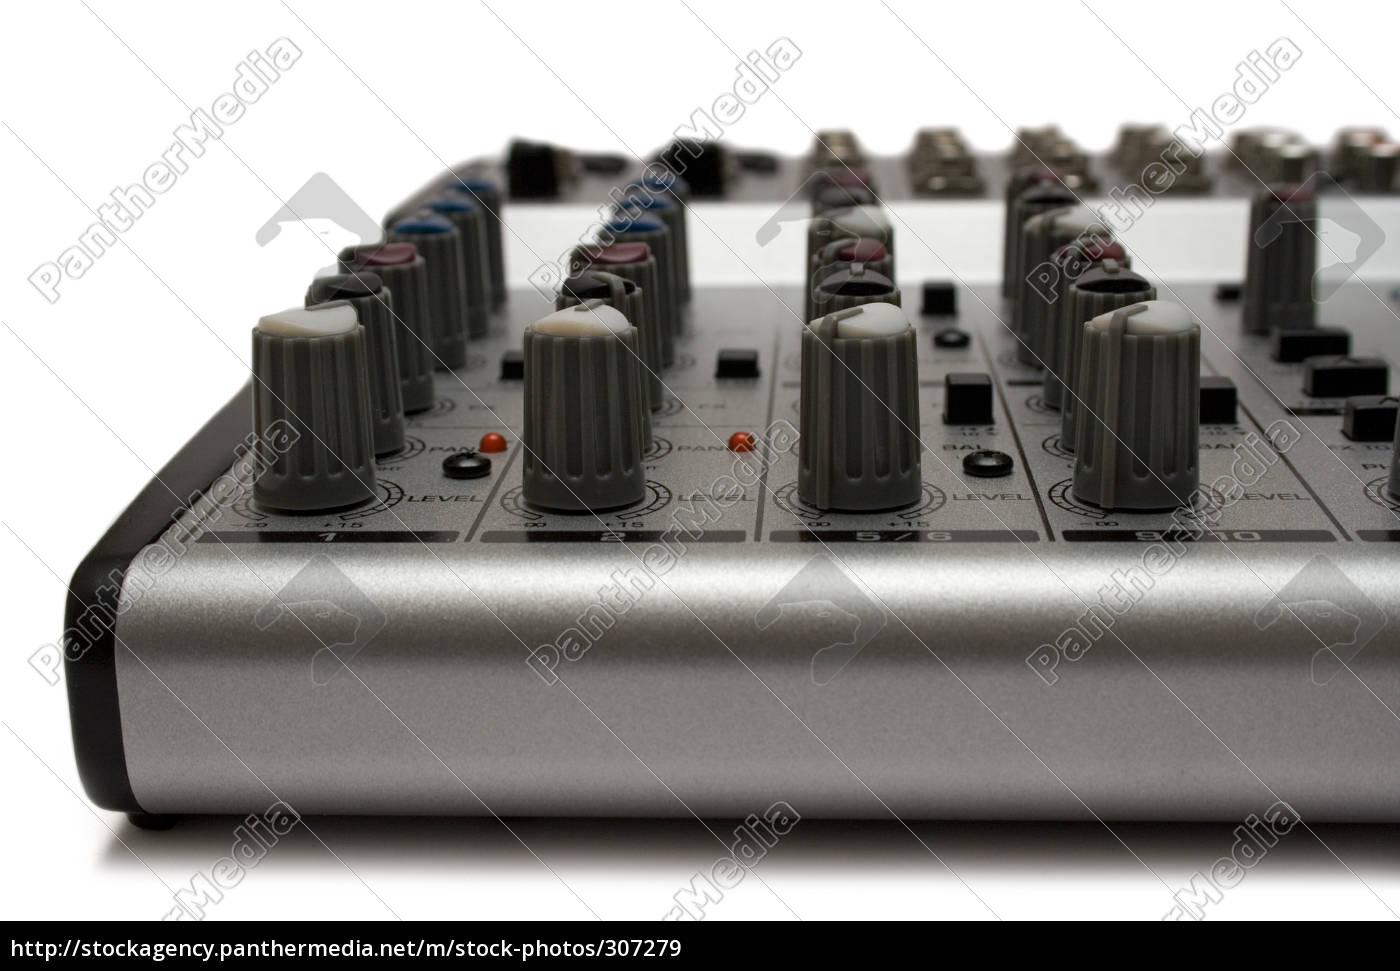 mixer - 307279